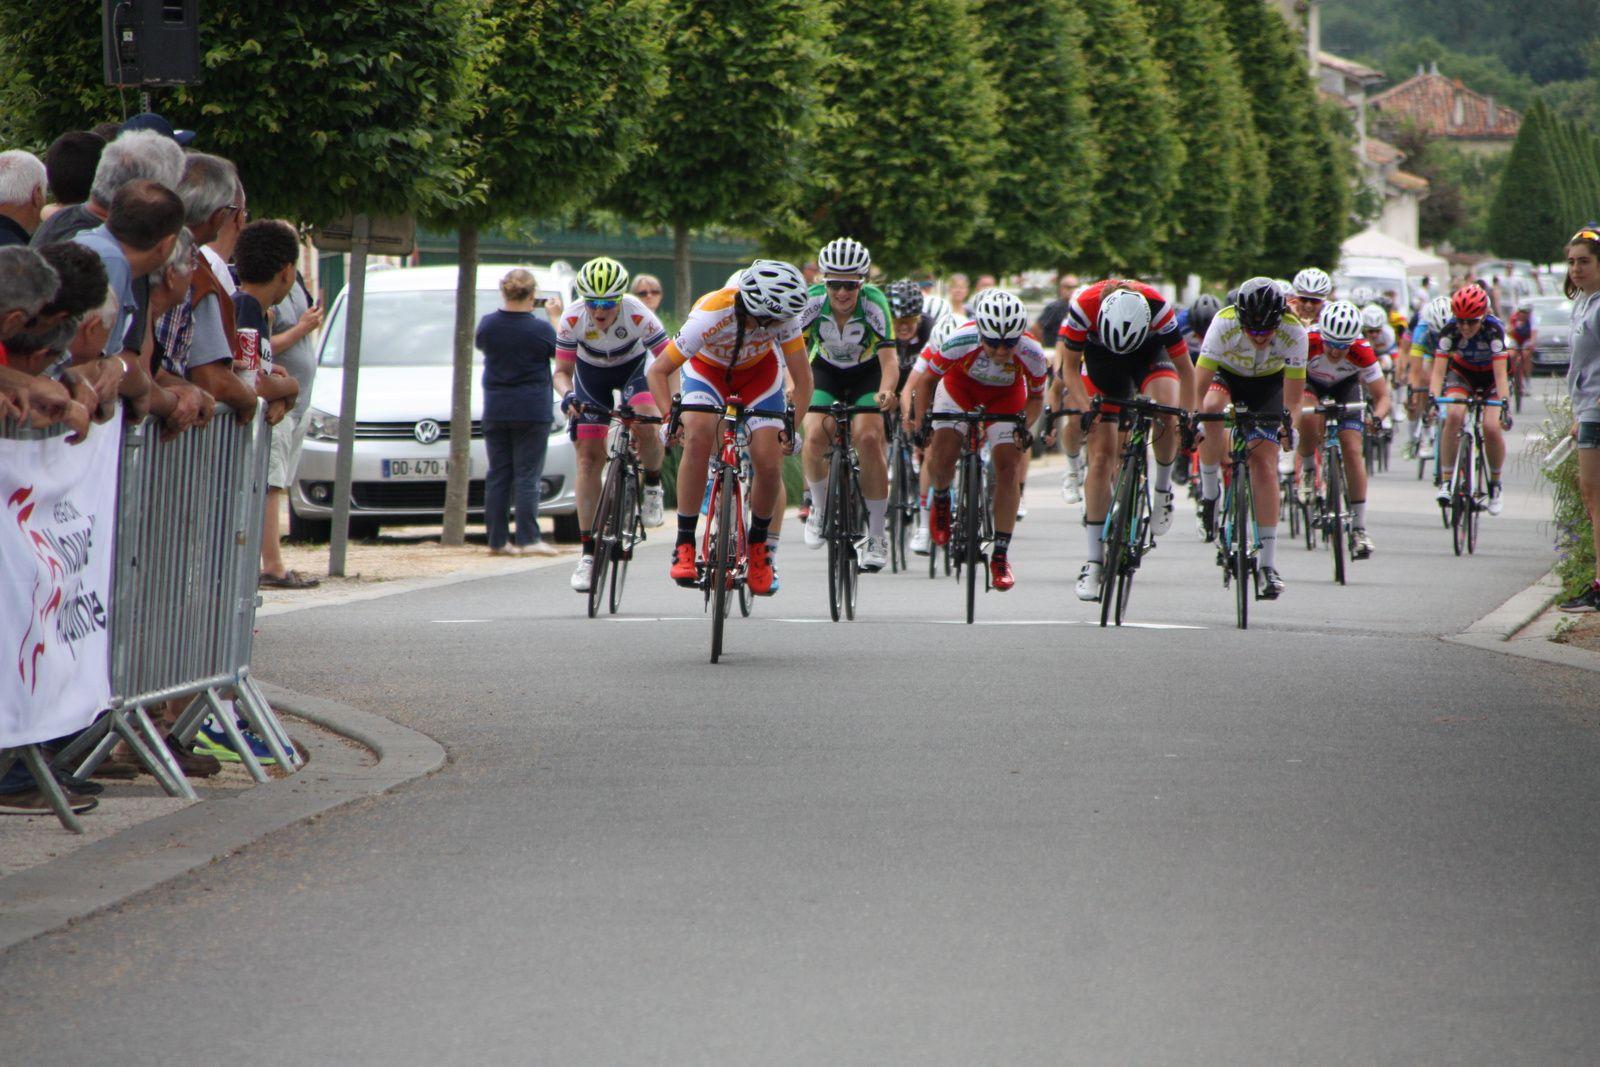 4e  Lucie  JOUNIER(US Vern), 5e  Manon  MINAUD(CD 85), 6e  Mélanie  GUEDON(UC Montoire), 7e  Amandine  FOUQUENET(CD  Mayenne), 8e  Gladys  VERHULST (VC  Aiglon), 9e  Victorie  GUILMAN(EC 3M), 10e  Aurore  VERHOEVEN (G  Bordeaux), 11e  Audrey  MENUT(Creuse O), 12e  Justine  GEGU(CD Mayenne), 13e  Coralie  HOUDIN(CD  Mayenne), 14e  Jade  FARGIER(I L'Isle Jourdain), 15e  Lisa  GUERIN(CD Mayenne), 16e  Leah  RIBERO (CSM  Villeneuve la Garenne), 17e  Caroline  DEGUY(Eure C), 18e  Thérésa  HOEBANCKX (VC  Aiglon), 19e Maéva  RIGOREAU(Centre Val de loire), 20e  Clémence  JOLLY(CD 85), 22e  Pauline  ALLIN(APOGE), 26e  Anais  MORICHON(FS St Hilaire), 27e  Marie-Sarah  SOUCHON(Côte de Beauté C), 37e  Lucie  LAHAYE(UVA).